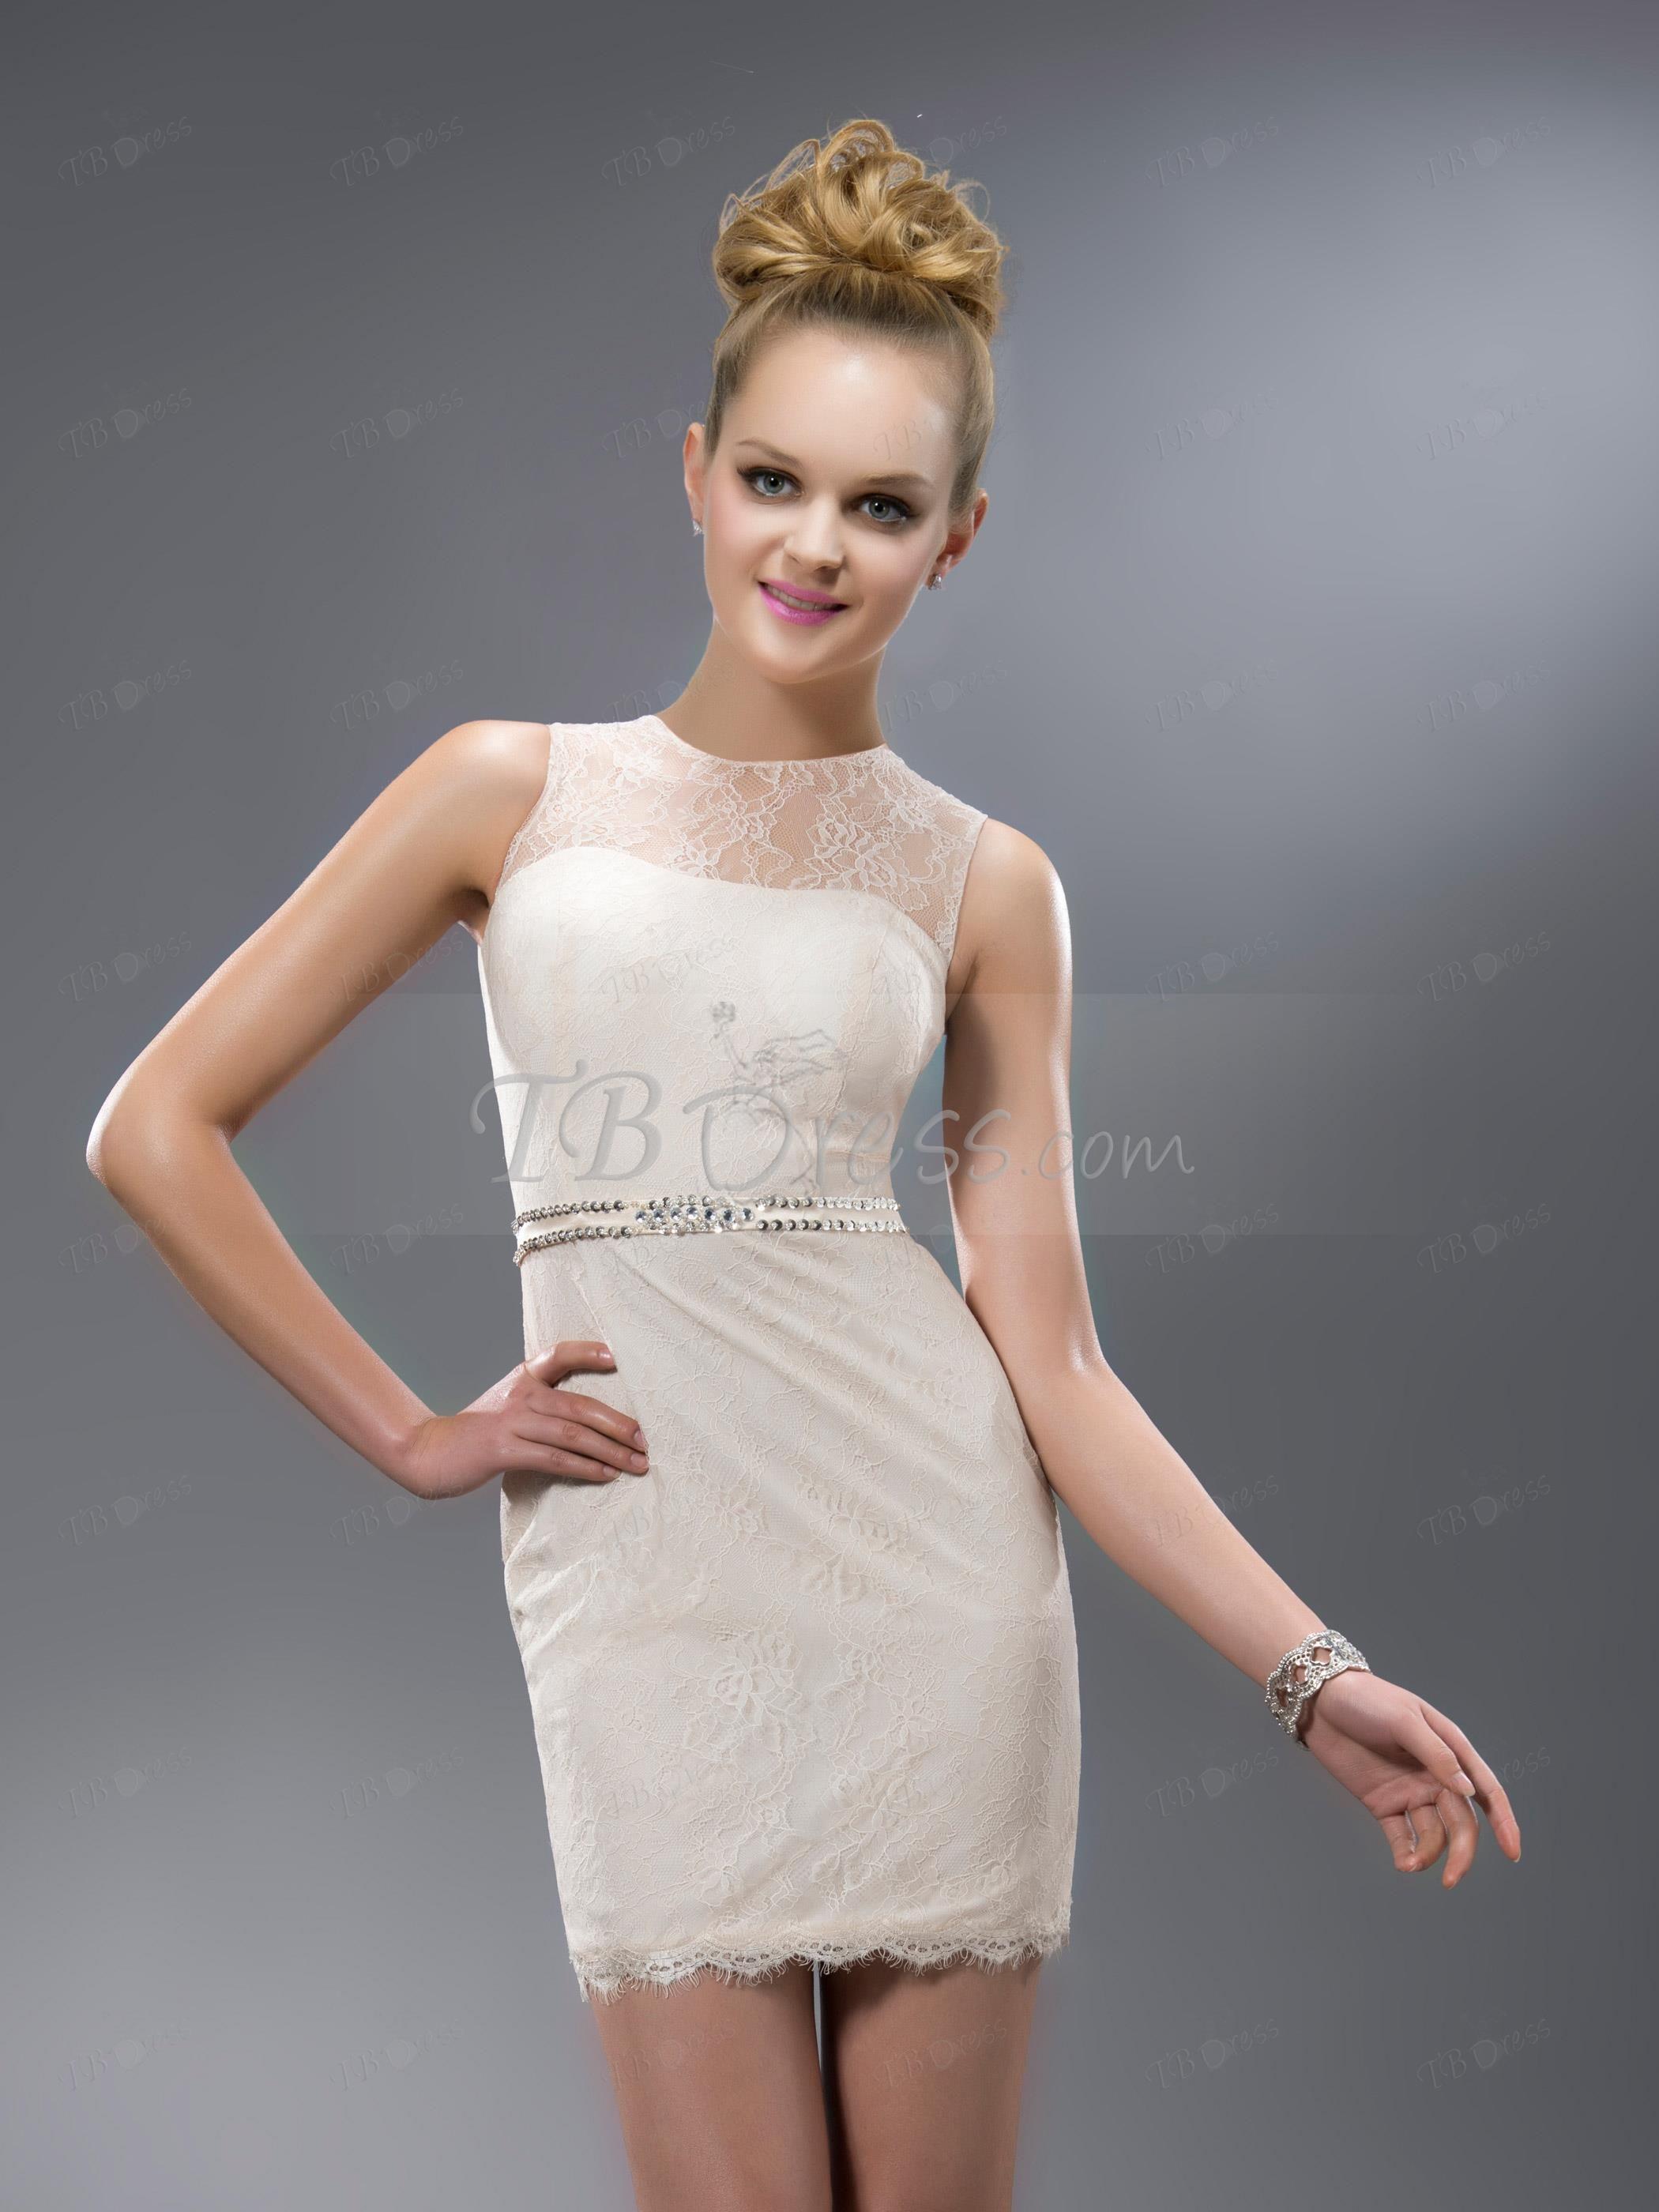 Vogue Superb Lace Jewel Beading/Sequins Short/Mini Cocktail Dress : Tbdress.com